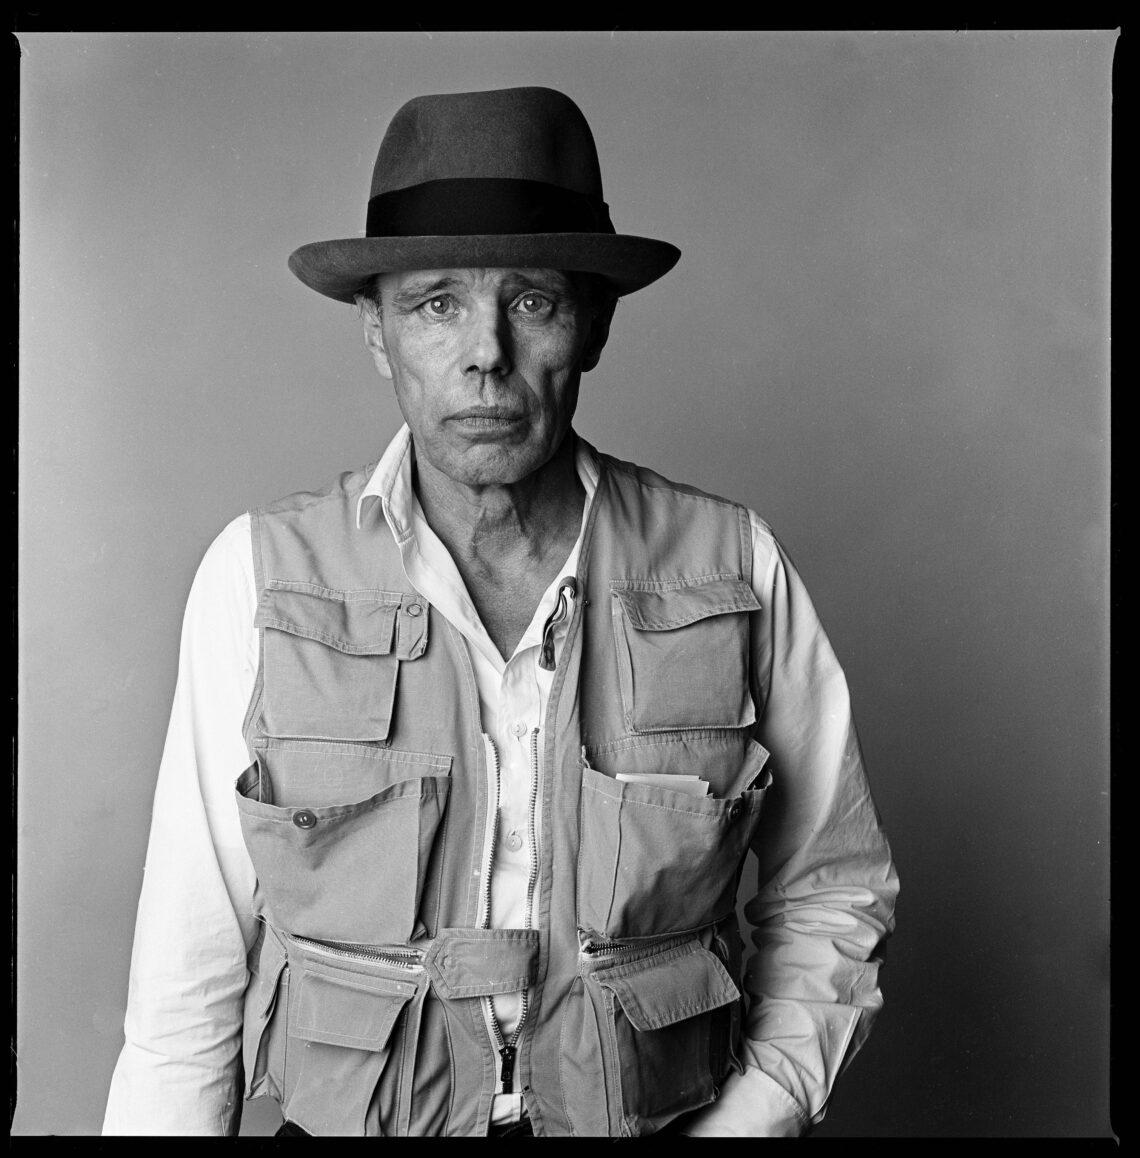 © Imago, Foto: Laurence Sudre, Joseph Beuys, 1985